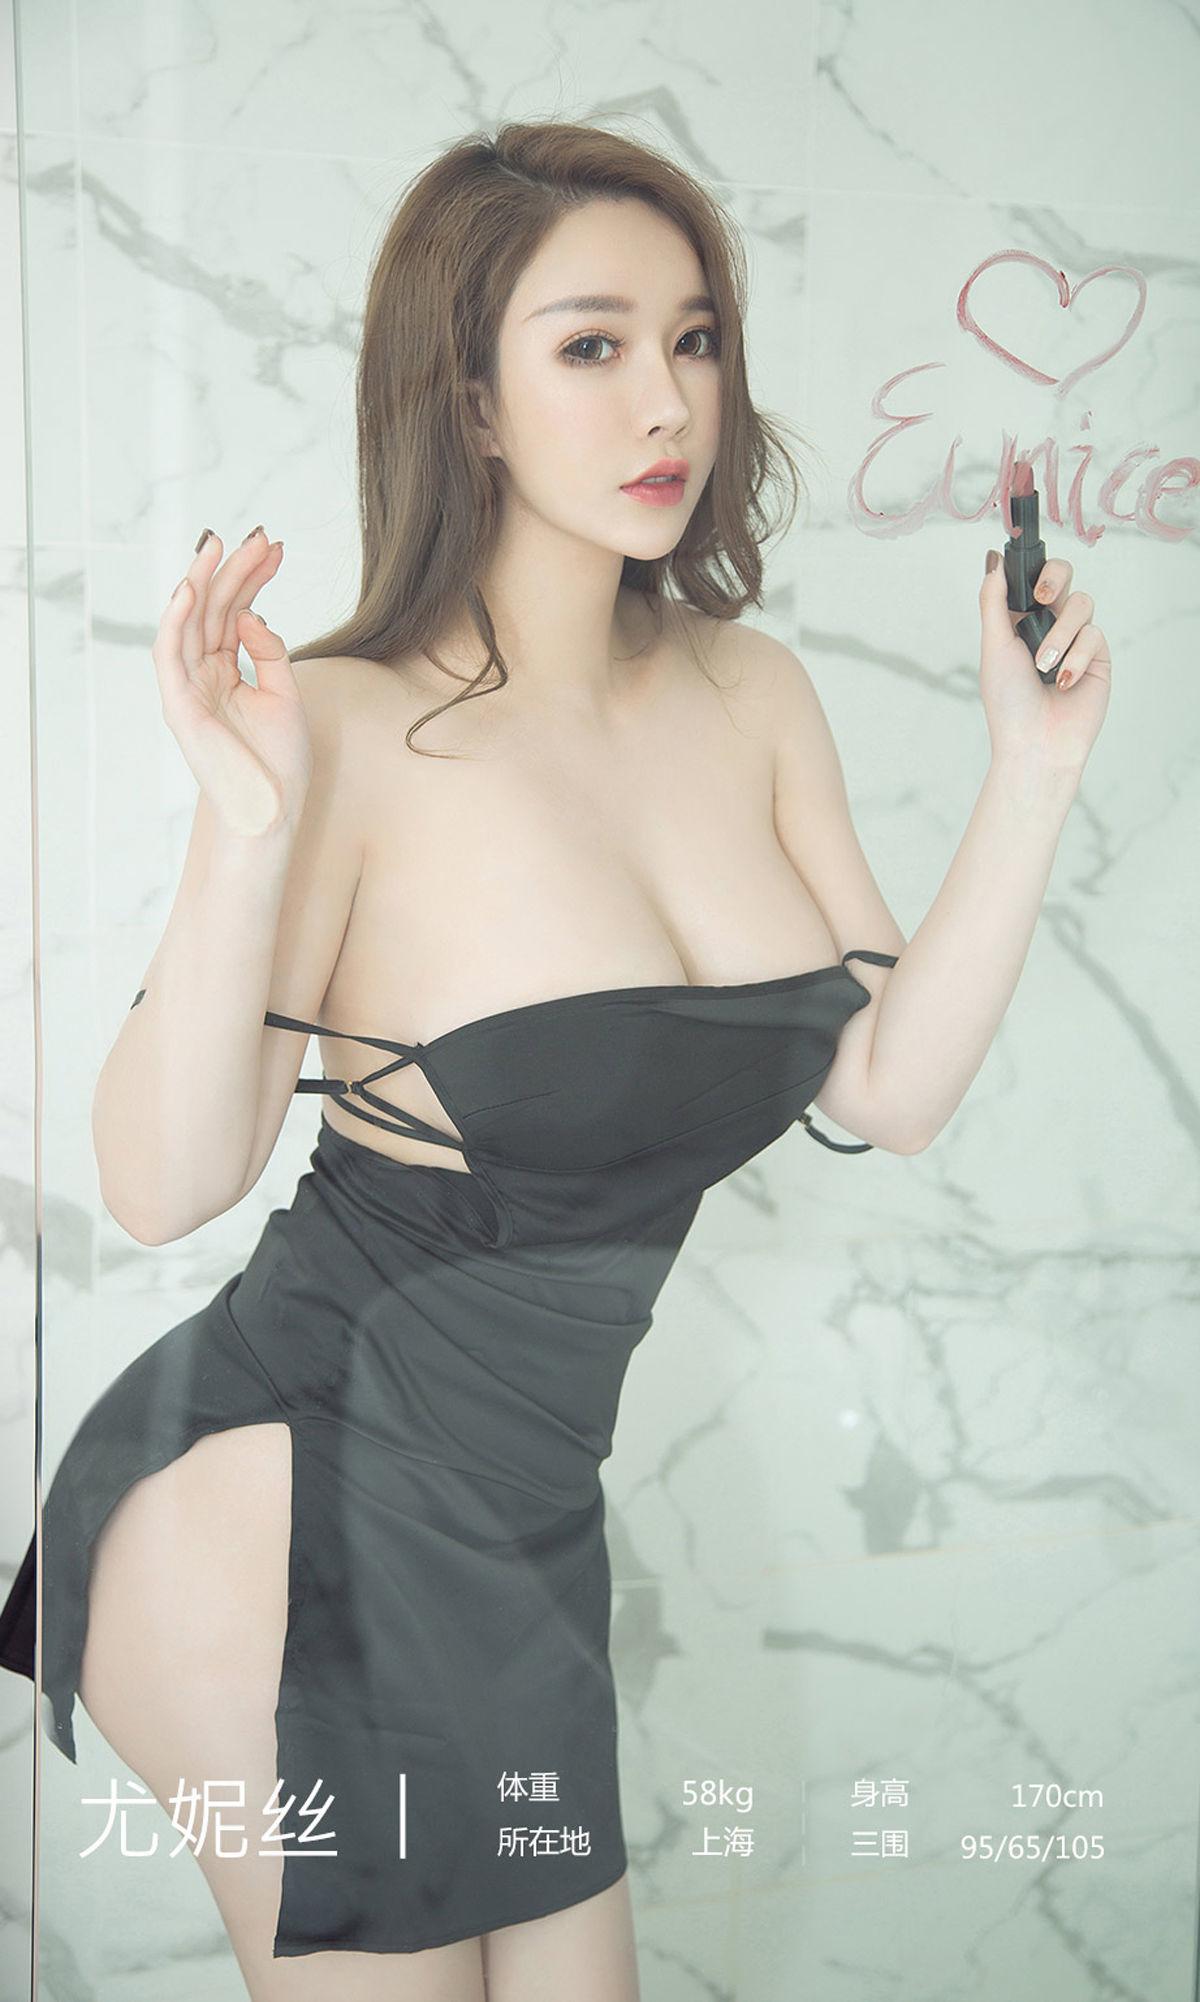 尤妮丝 - 封神